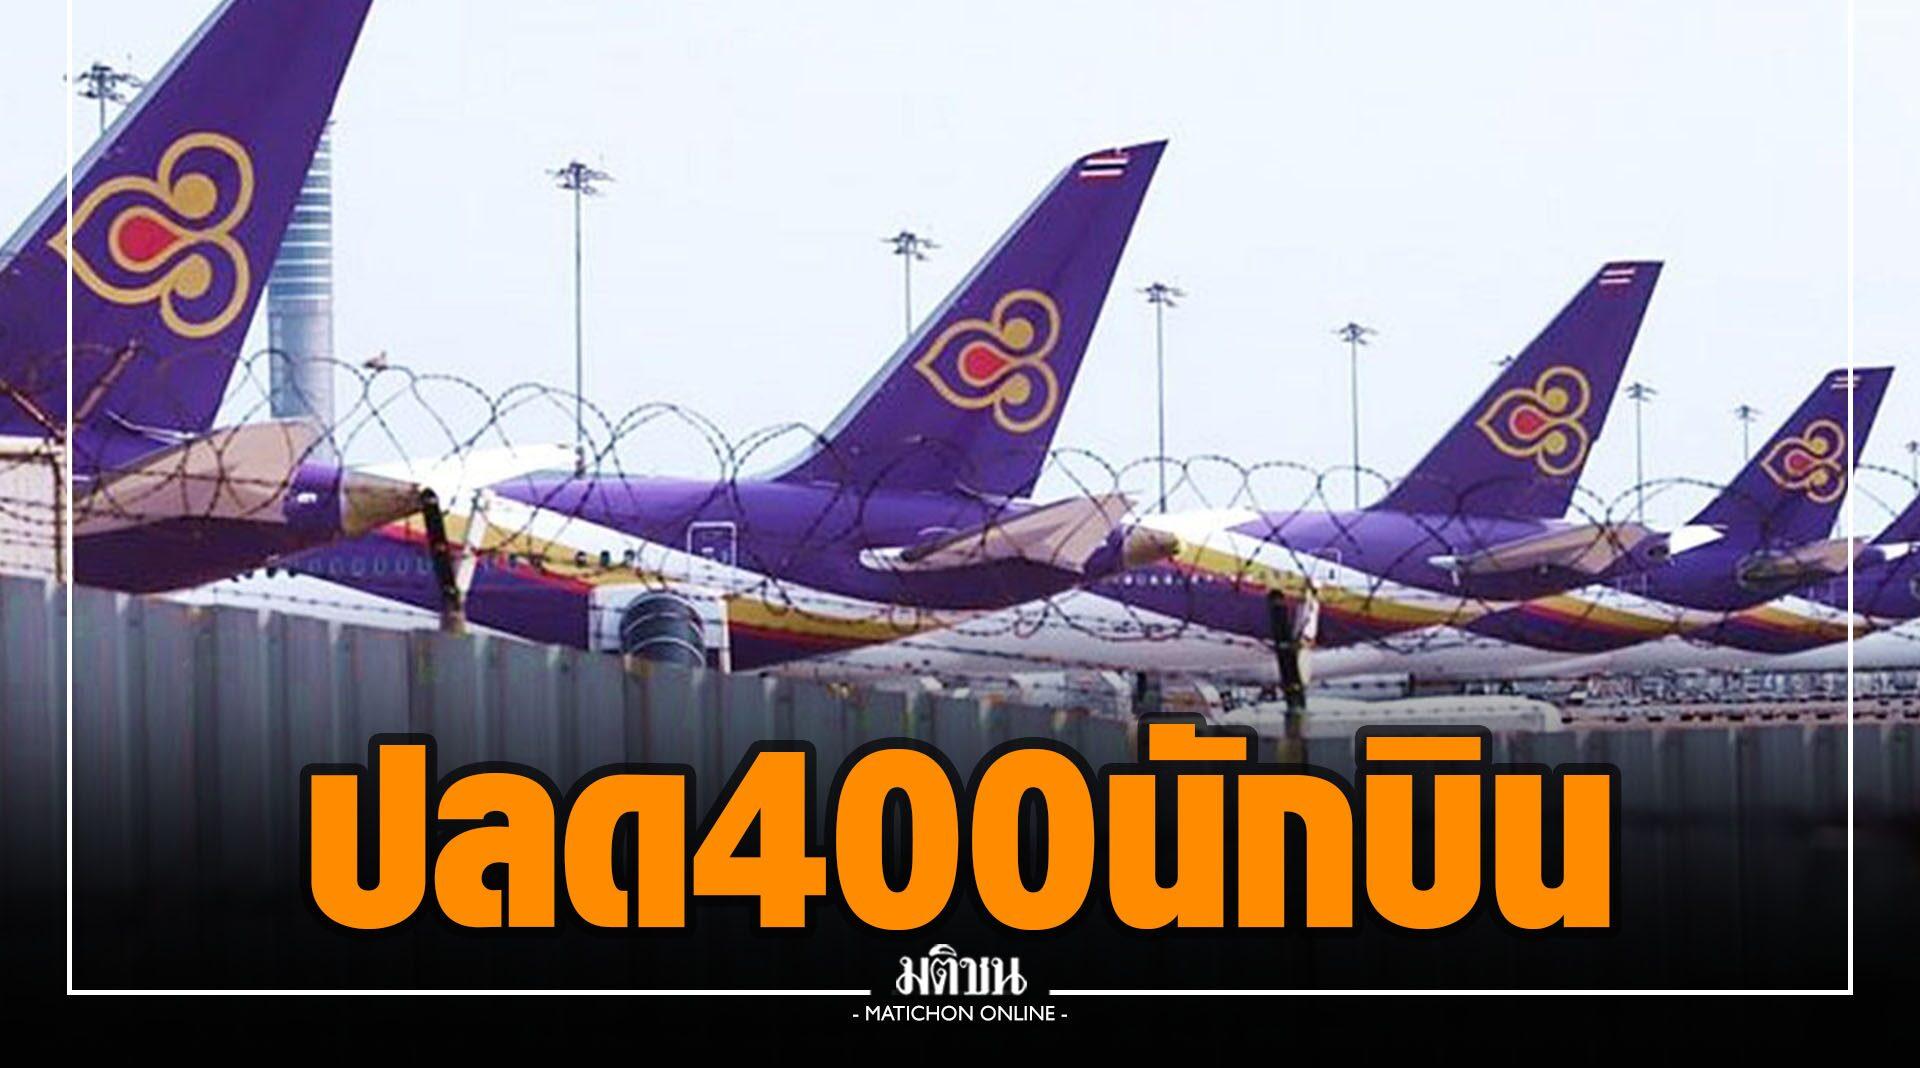 บินไทย เล็งปลดนักบิน 400 คน หั่นเงินเดือน 20% ทึ่งแผนฟื้นฟูฯ ควักหลายหมื่นล้าน ซื้อโบอิ้ง 10 ลำ